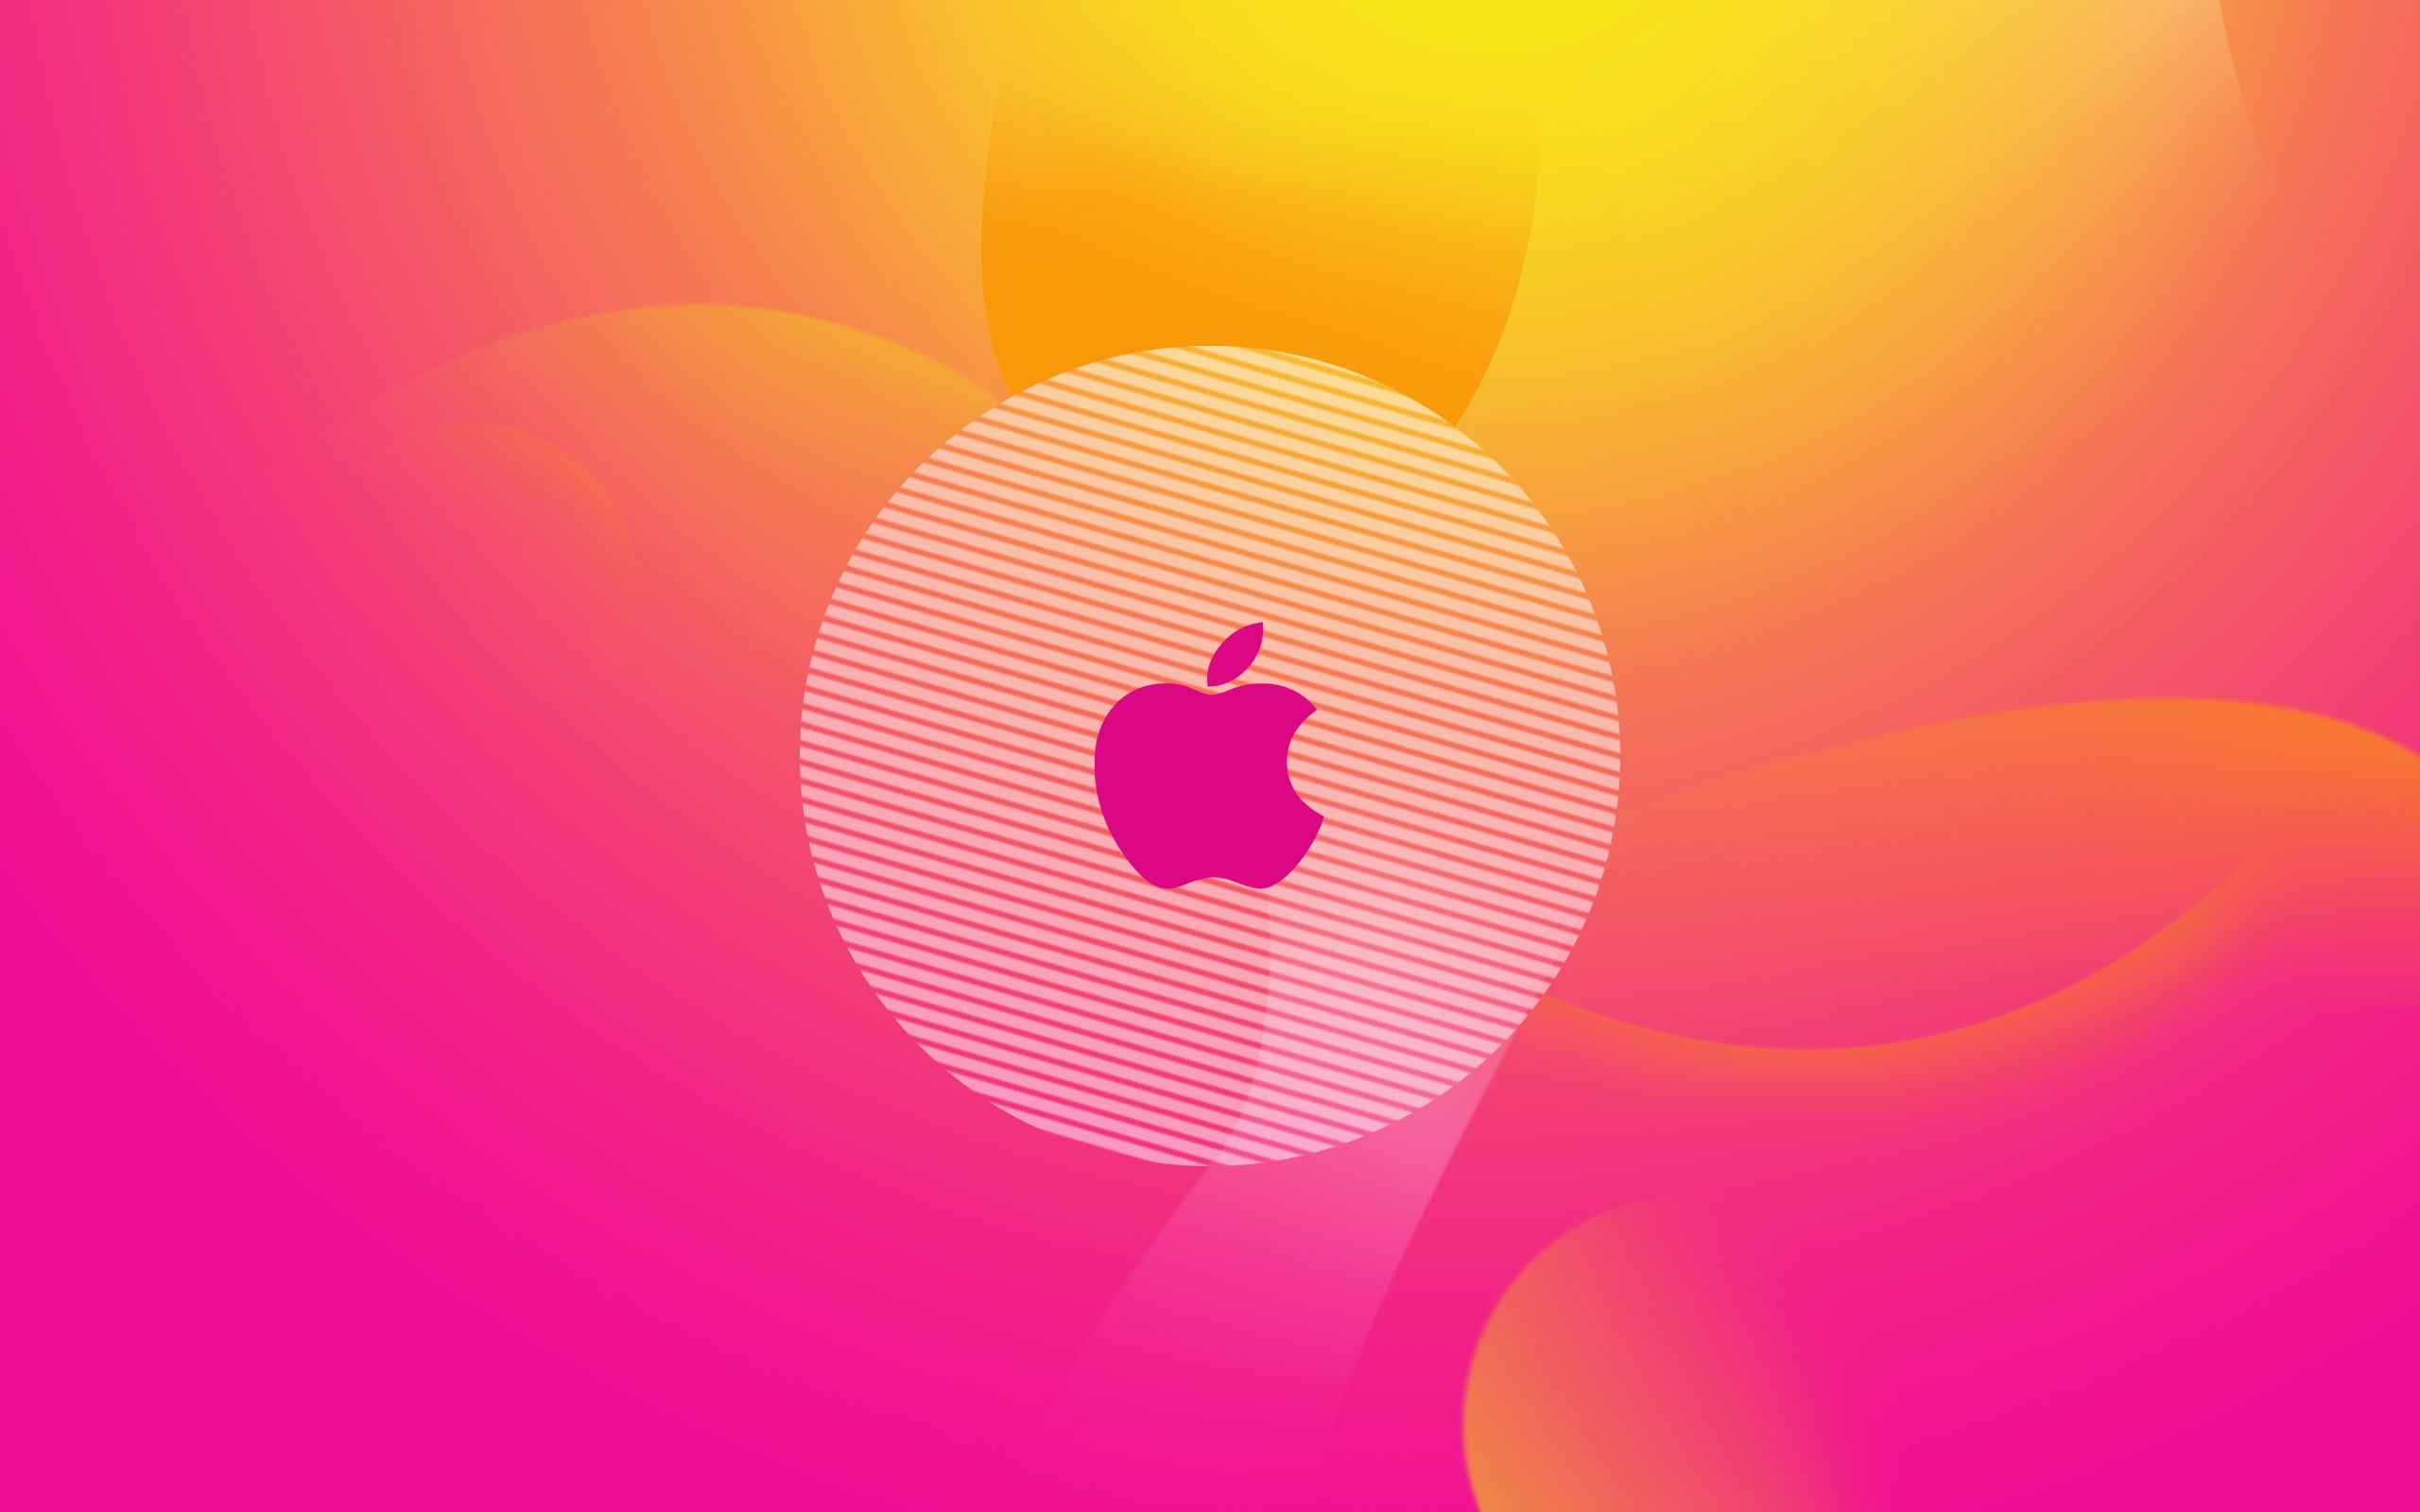 Apple Hd Wallpaper Sfondi 2560x1600 Id117224 Wallpaper Abyss